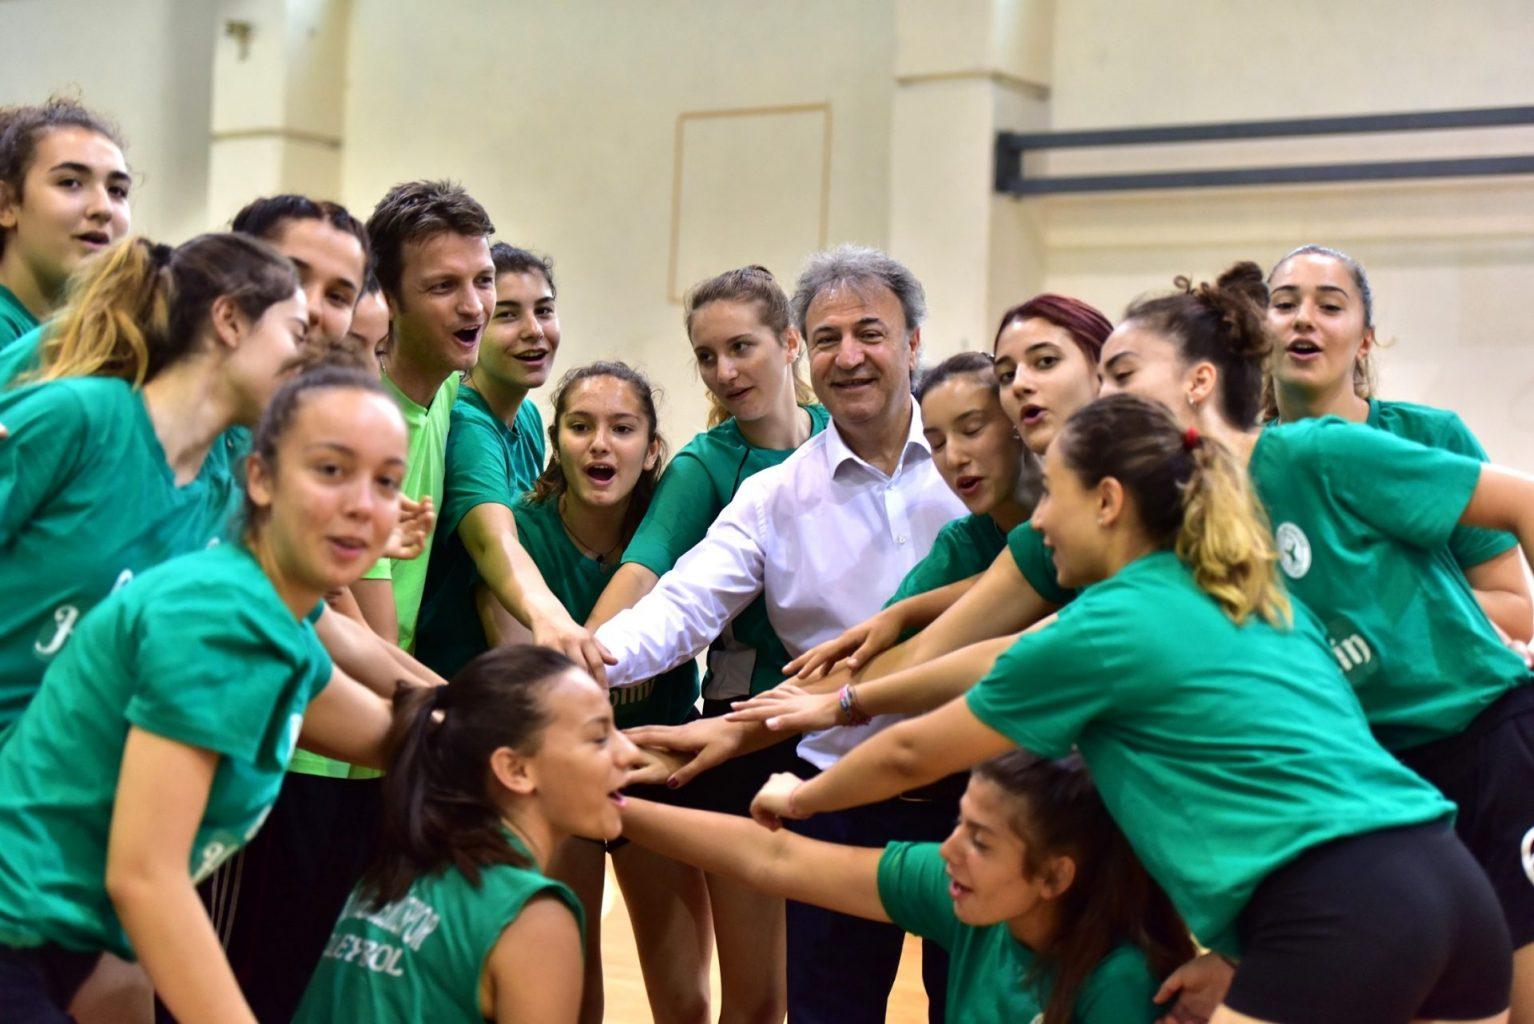 Başkan İduğ gençler Türkiyenin geleceği ve umudu ozelkalem com tr 1